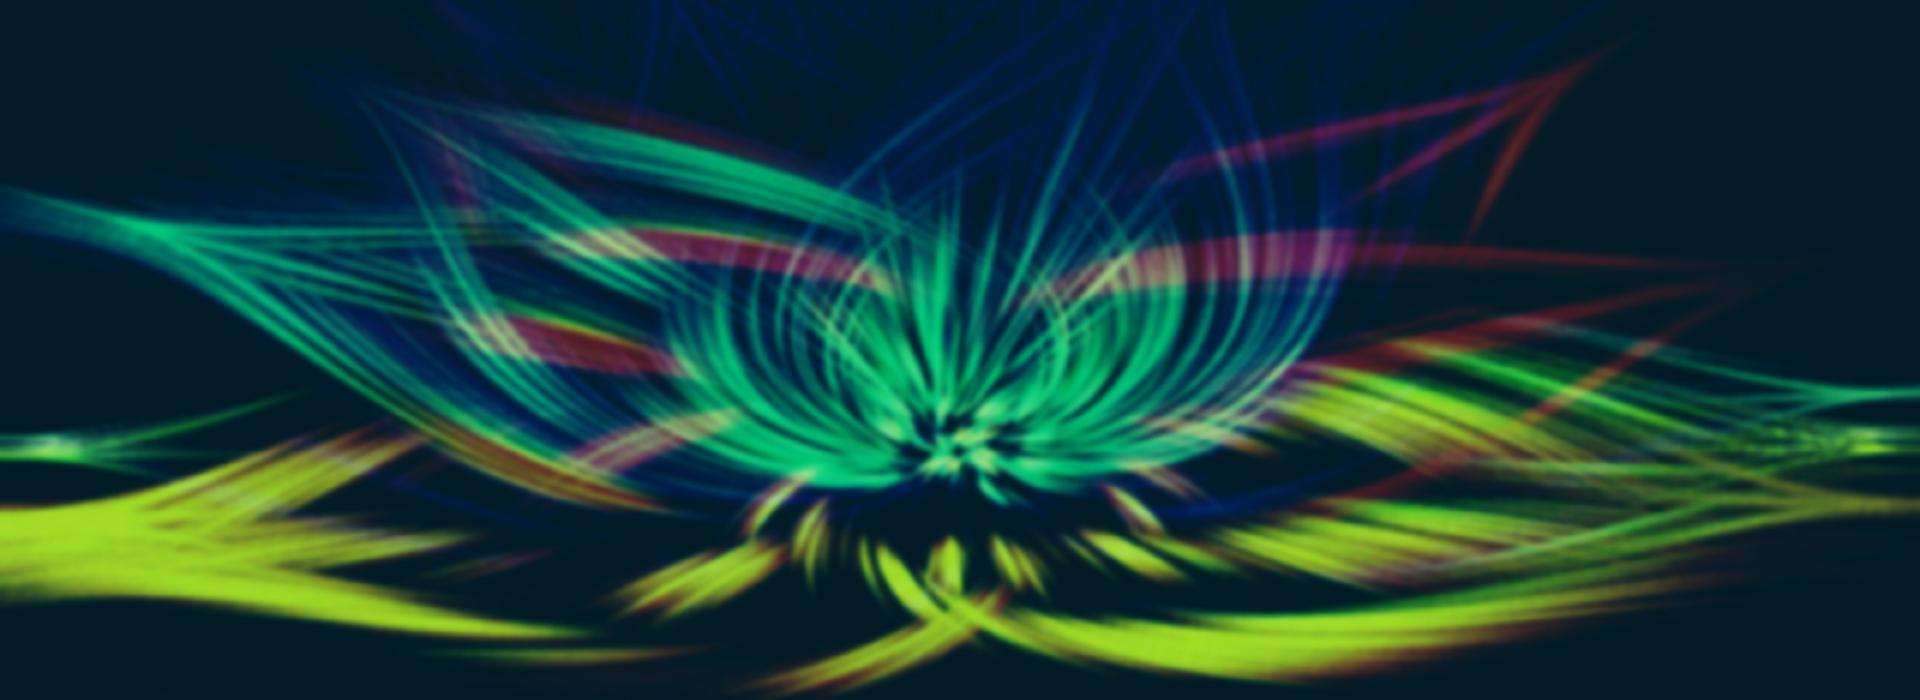 Курс по медитация - Аджапа Джапа - 14.01 - 04.02.21